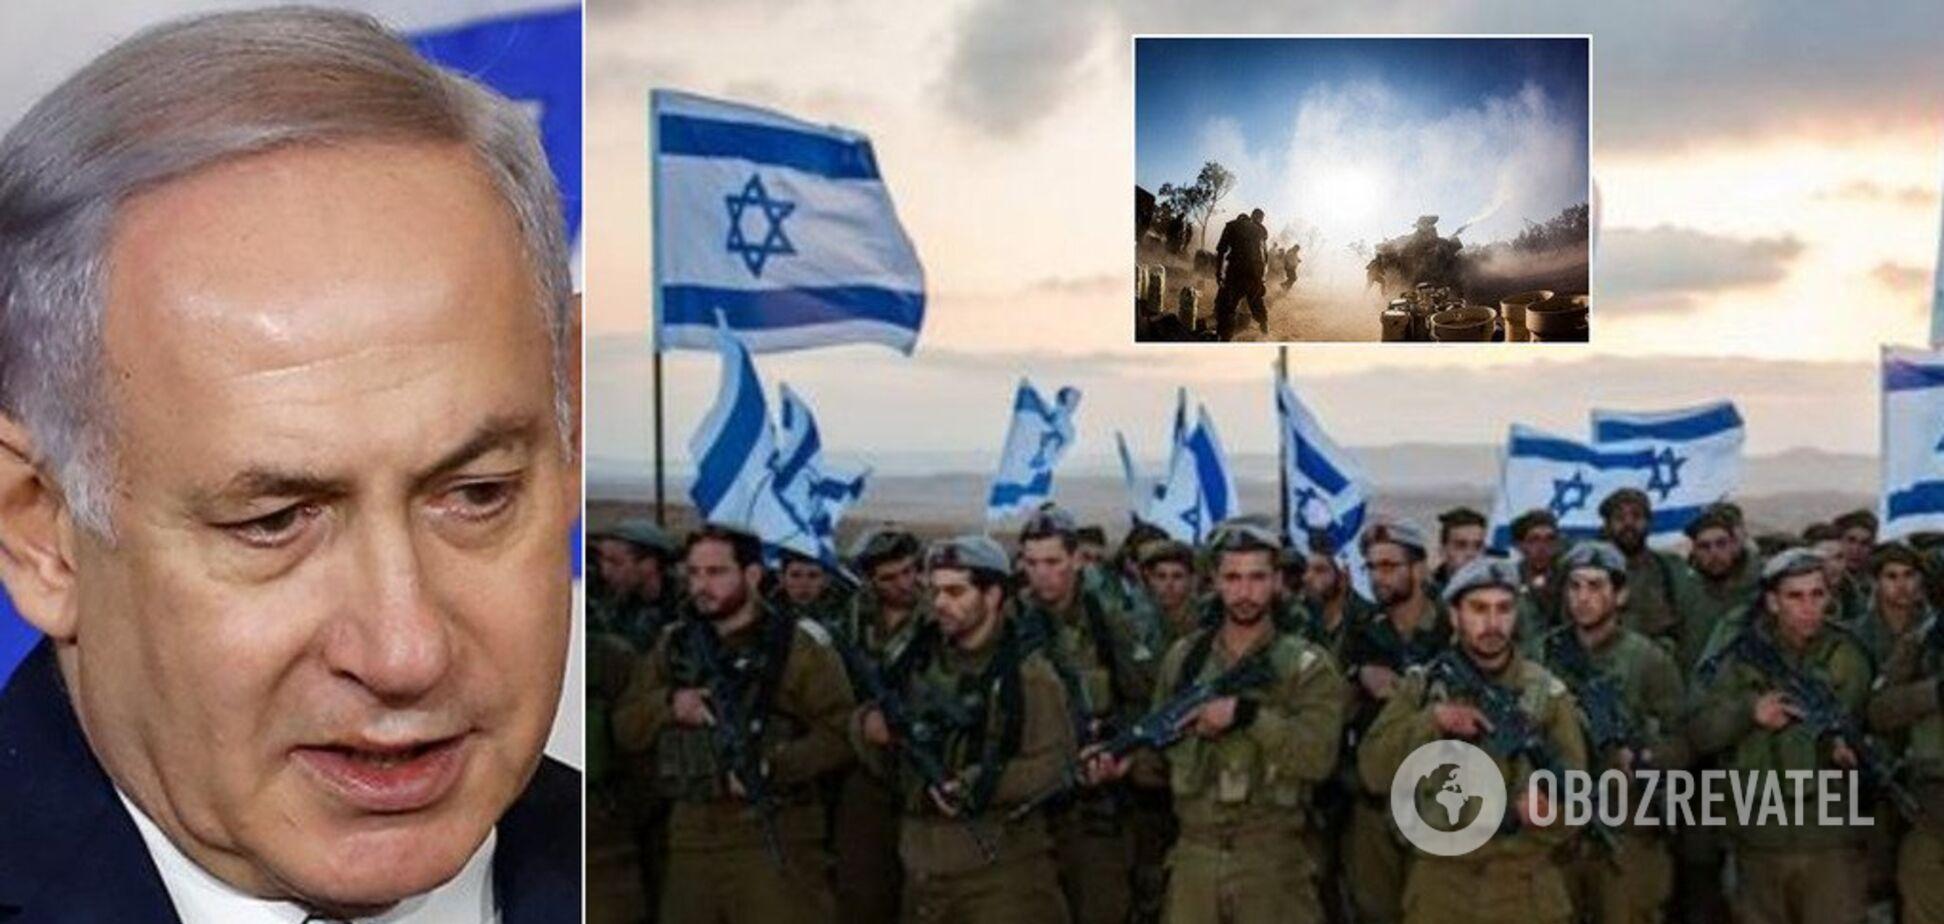 Ізраїль воював з Хезболлою лише дві години